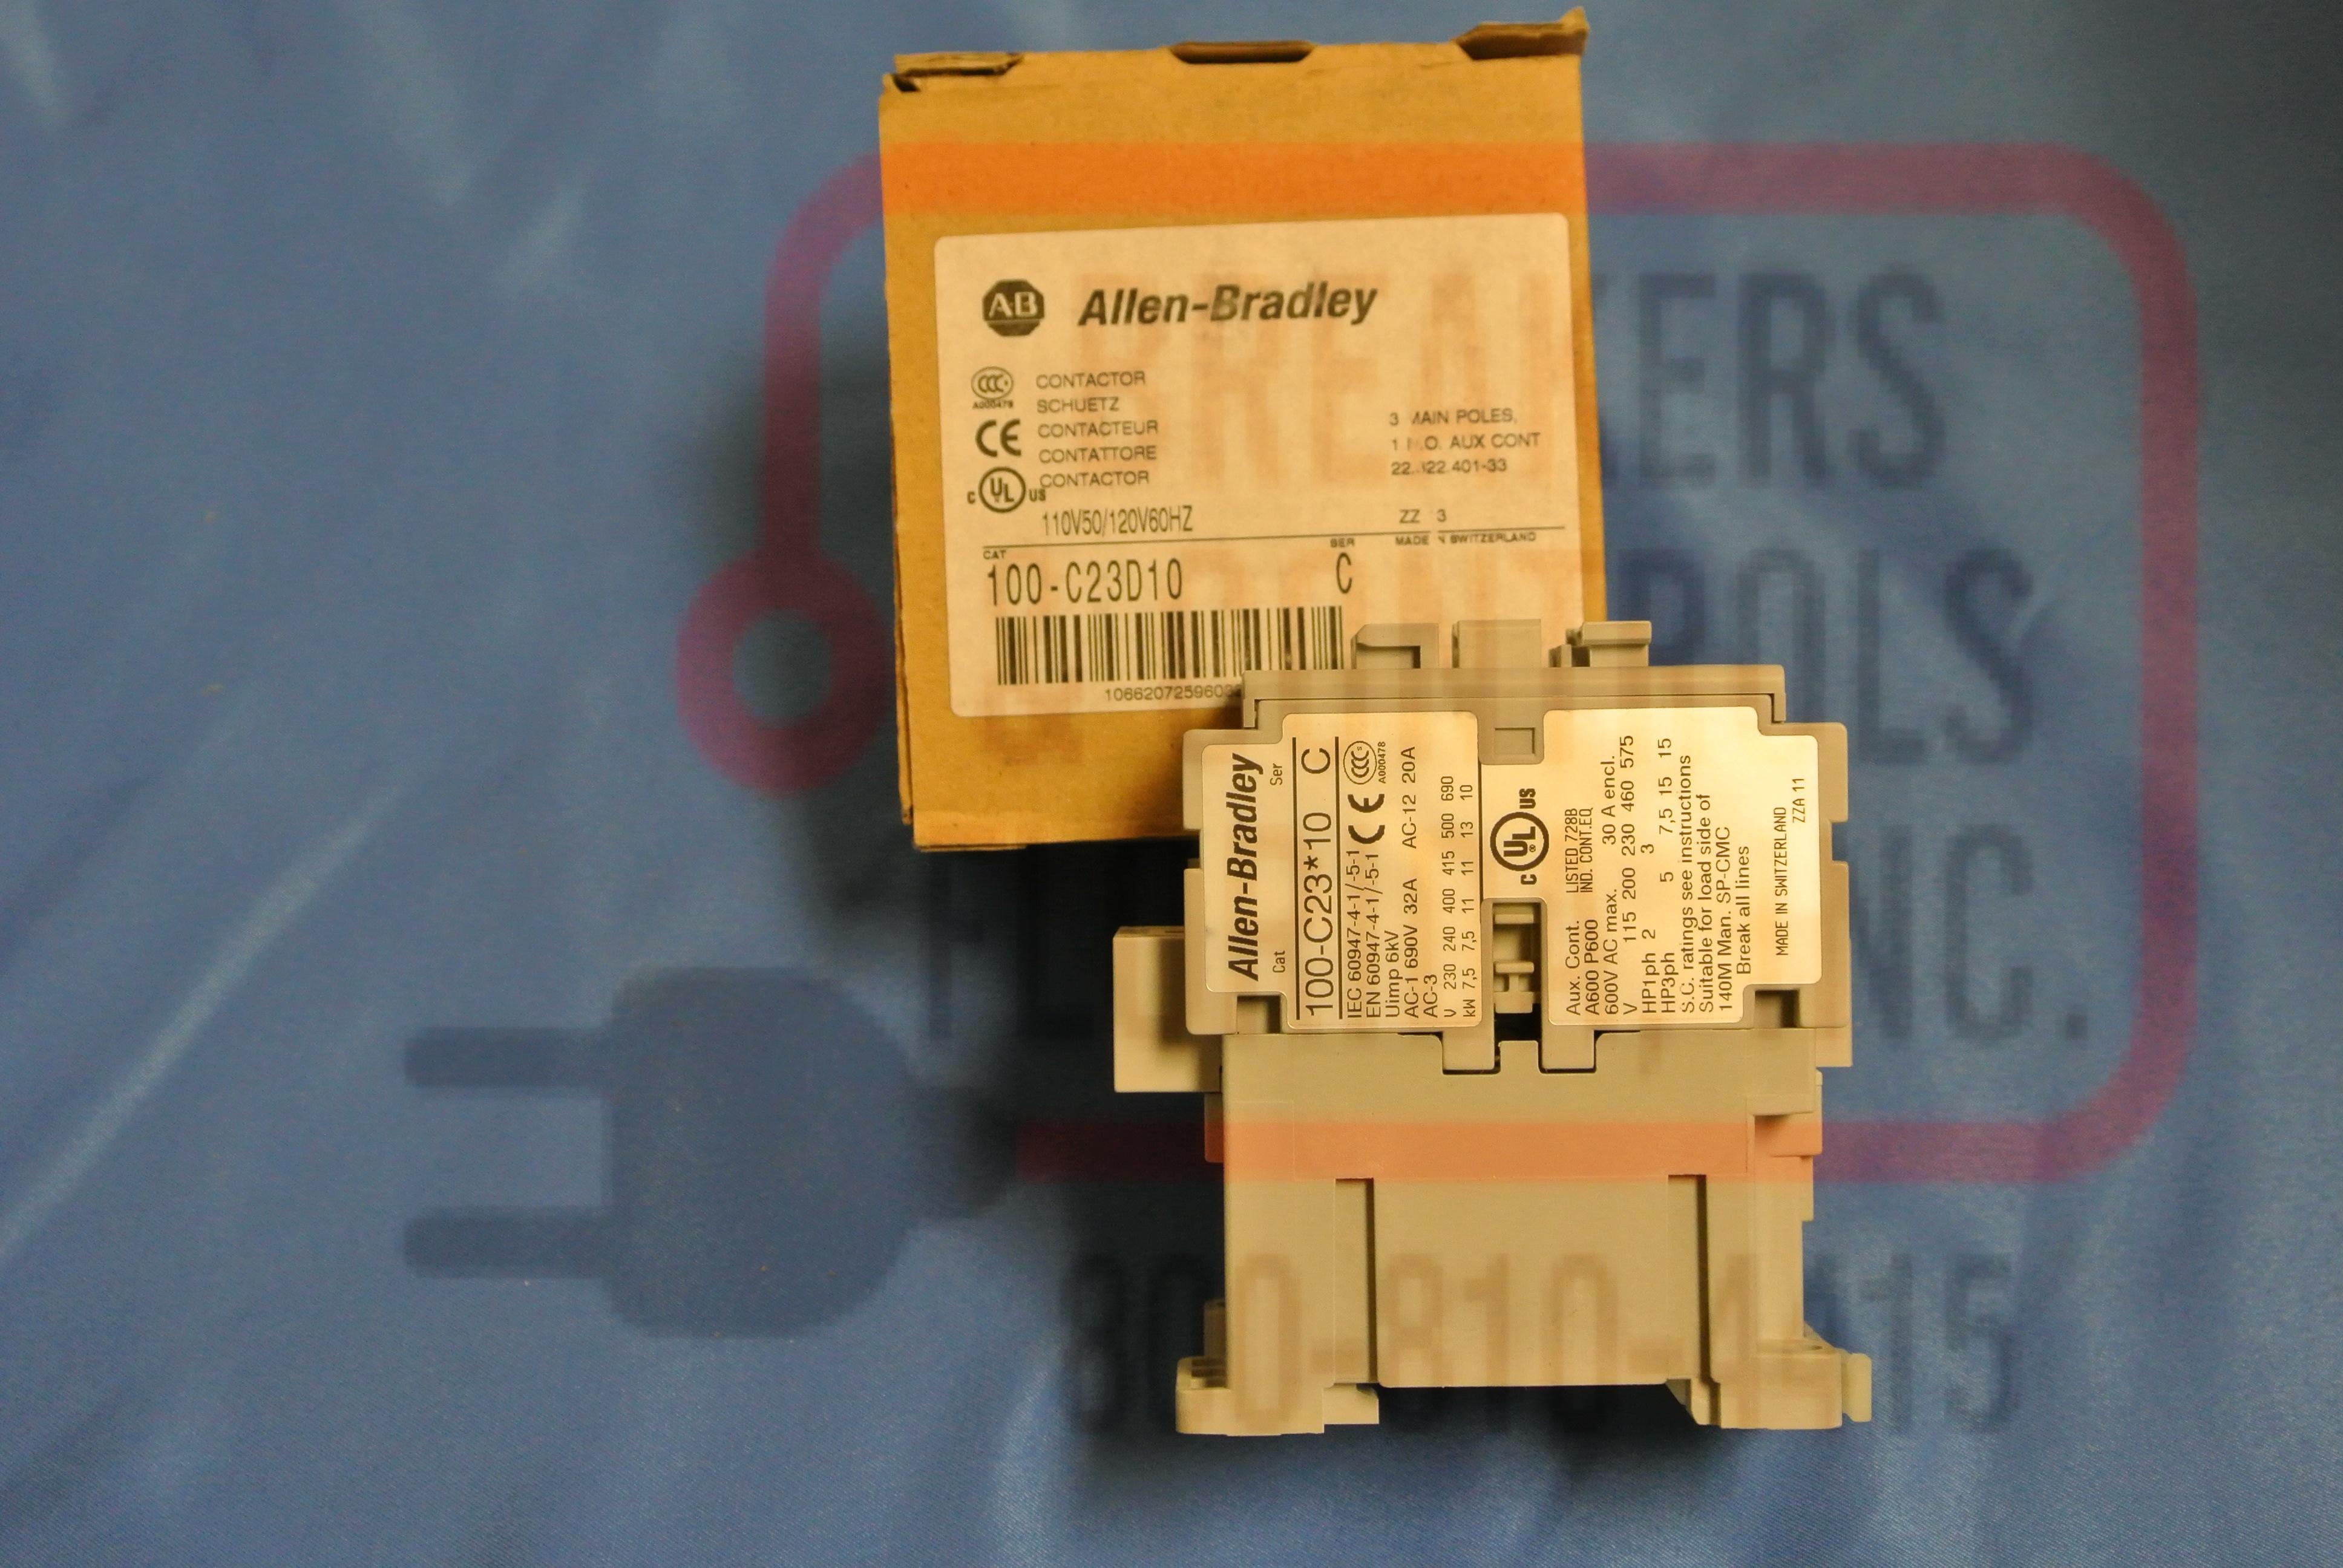 Allen Bradley - 100-c23d10